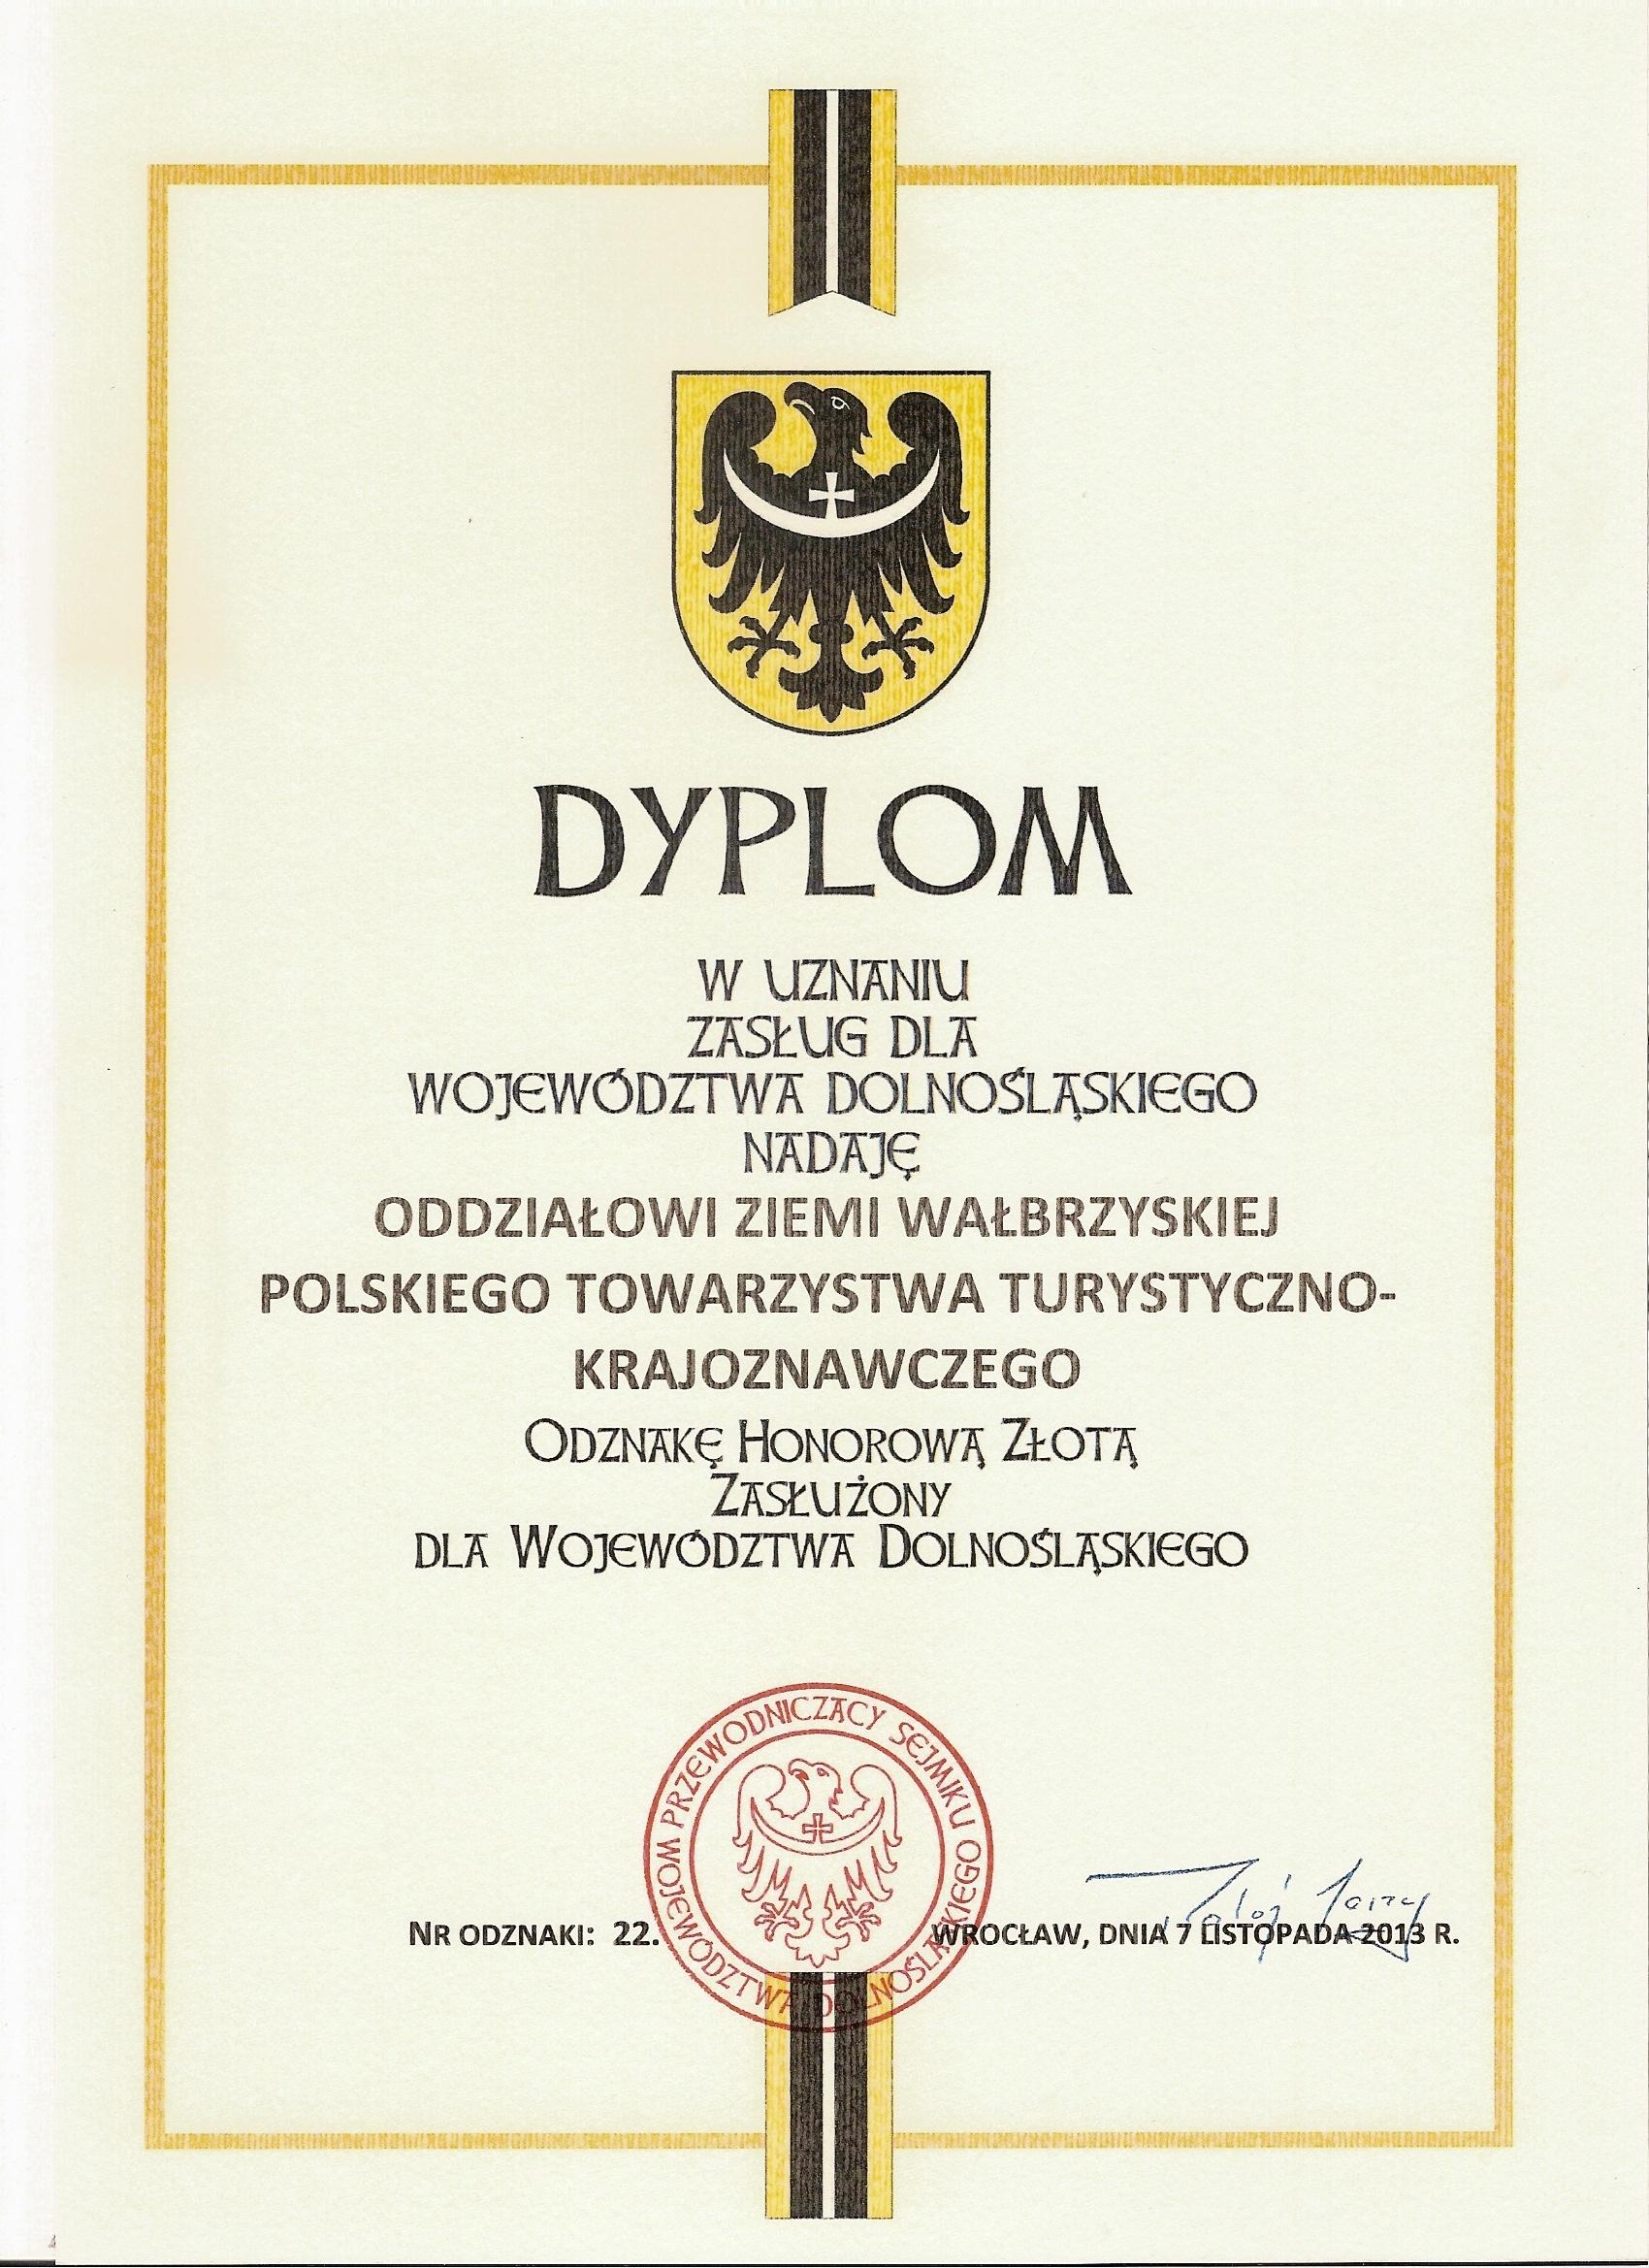 Dyplom dla Oddziału – Zasłużony dla Woj. Dolnośląskiego